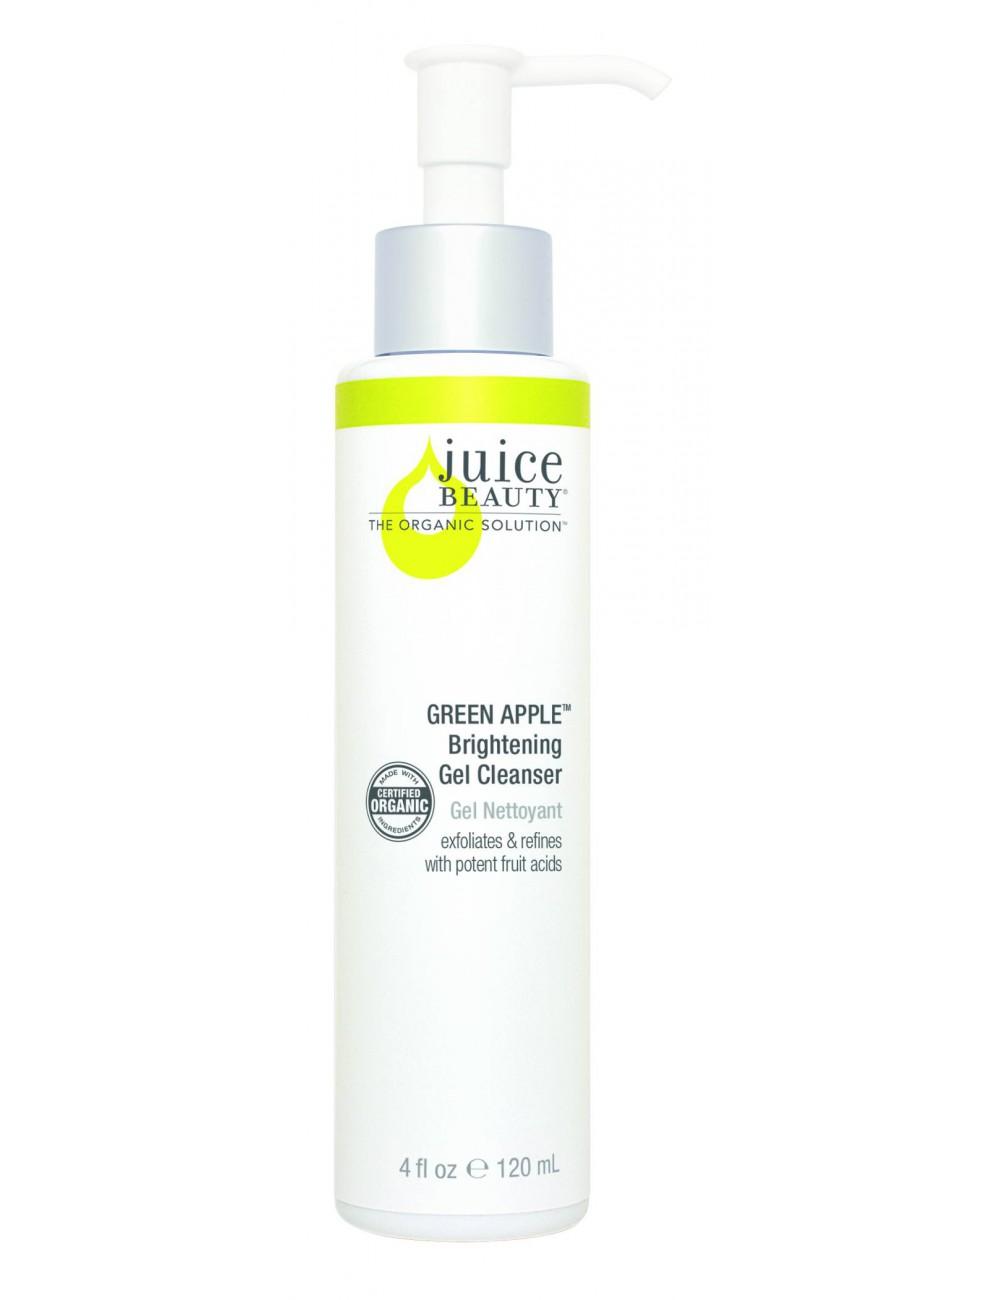 Juice Beauty Green Apple™ Cleansing Gel 120ml